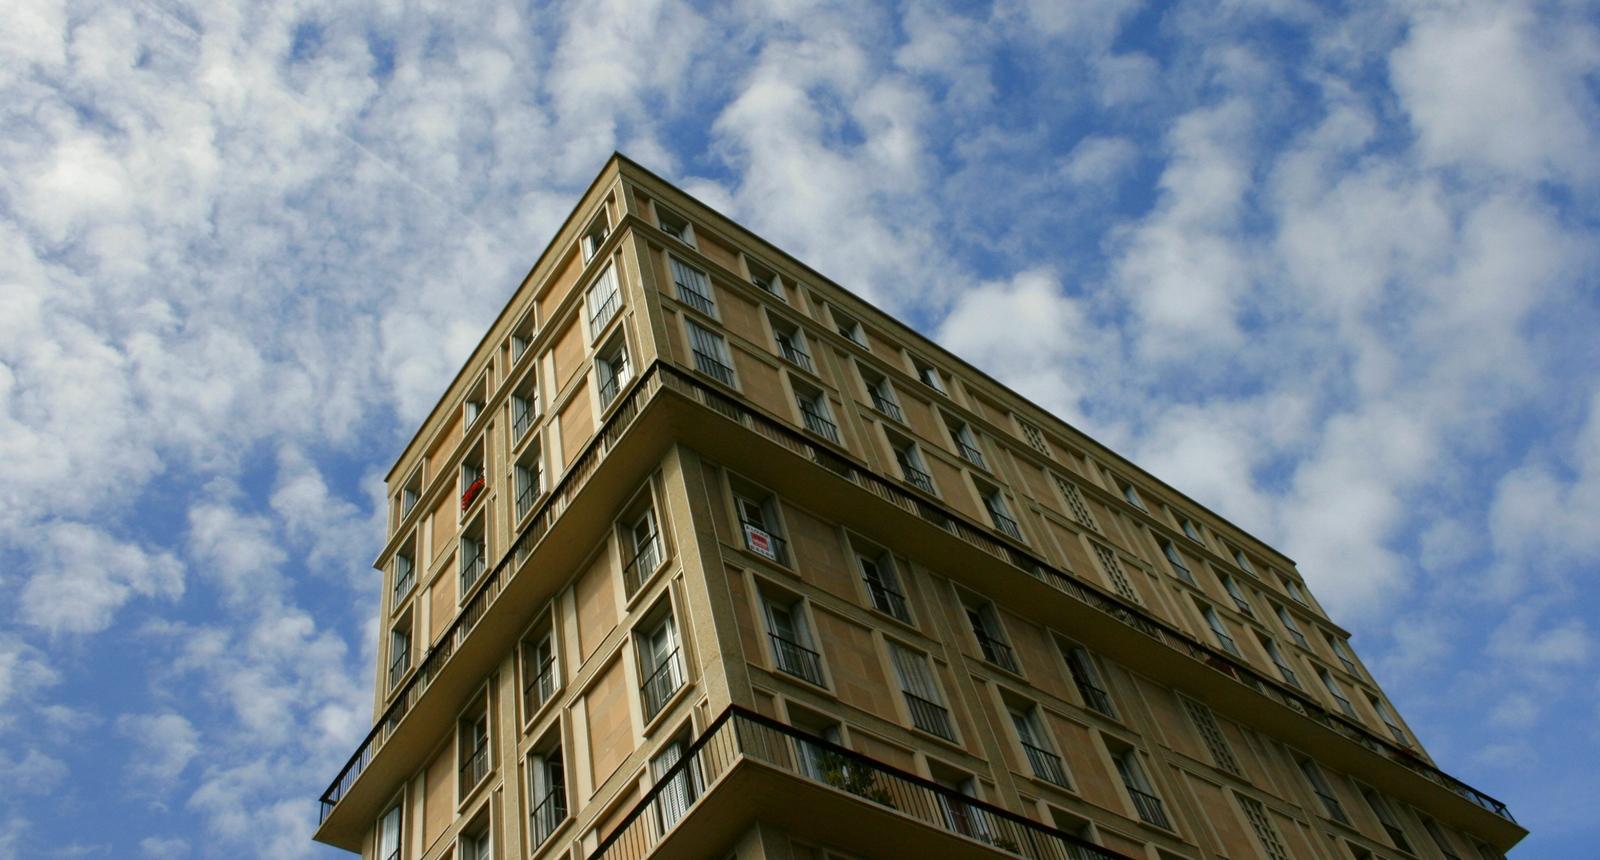 Le Havre, immeuble de logements Auguste Perret